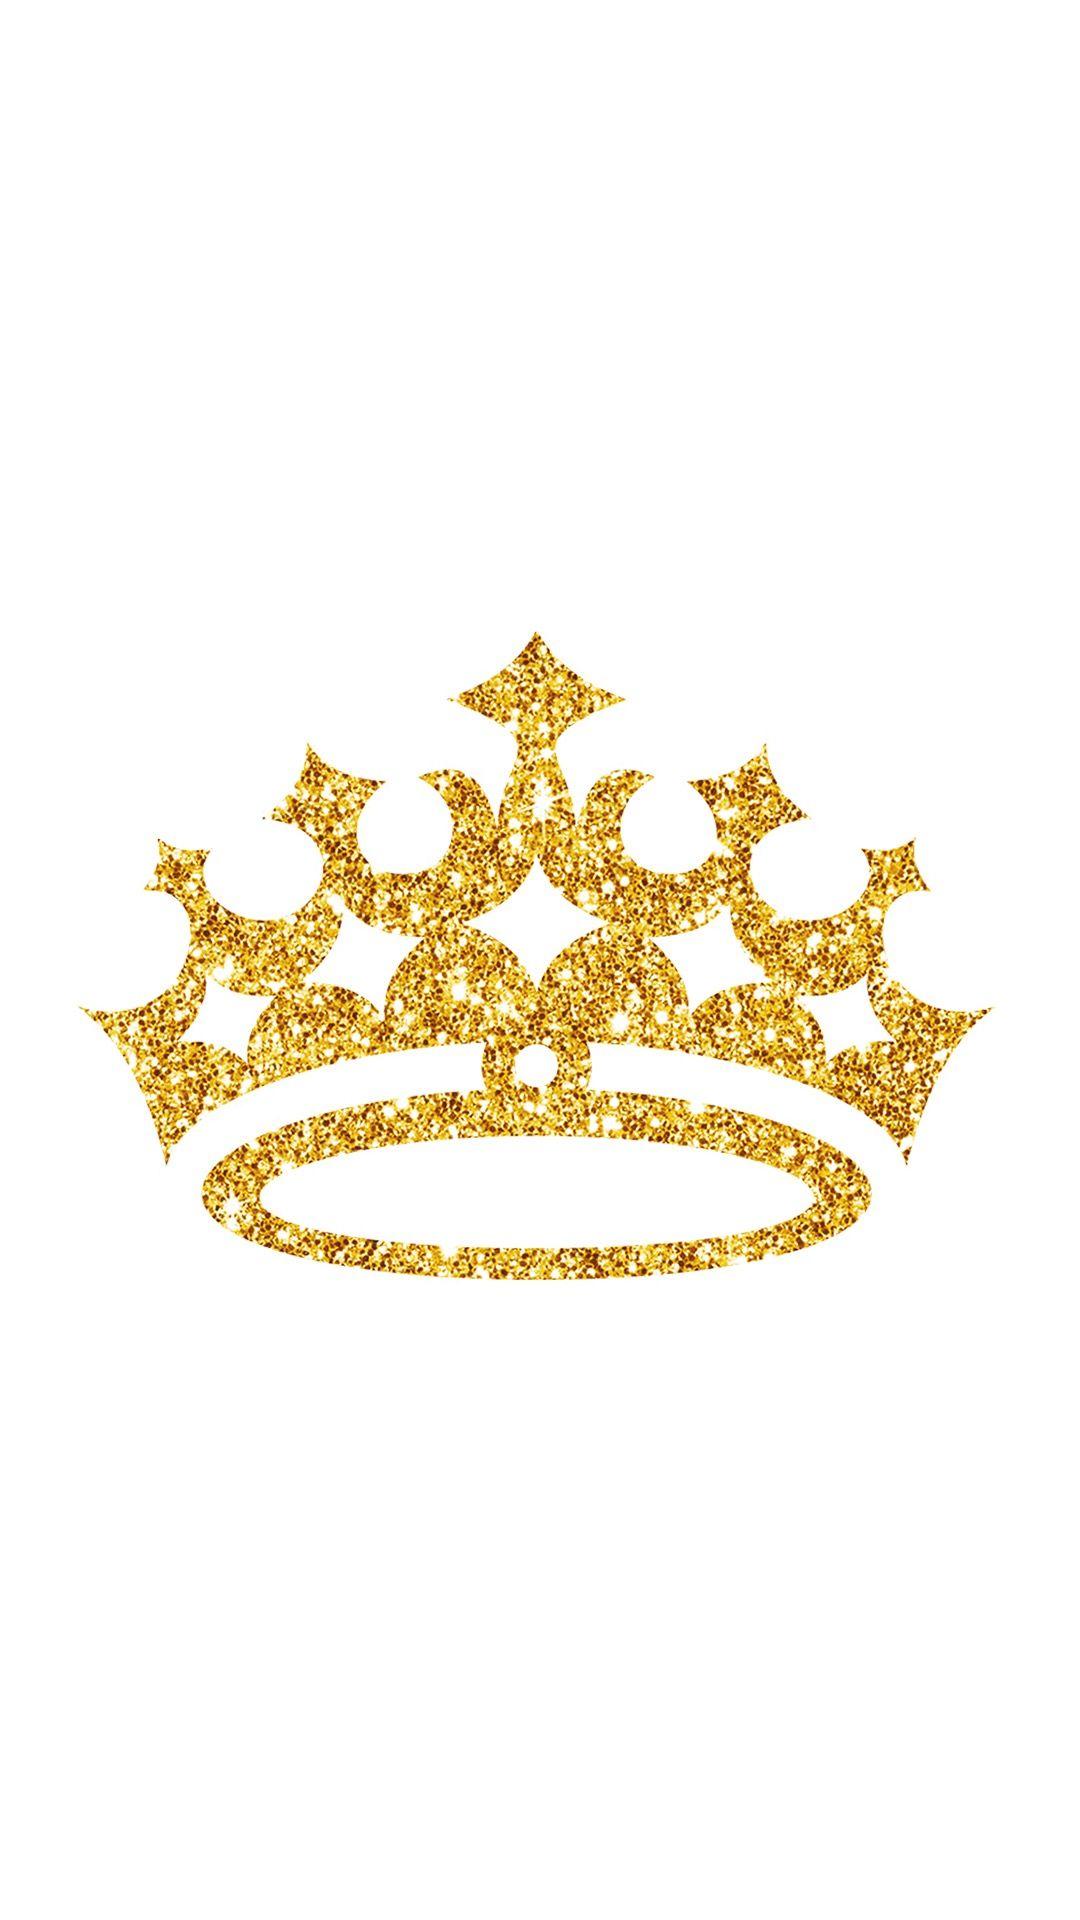 Pin De Luxli12 En Parabatai Fondos De Coronas Tapiz De Pared